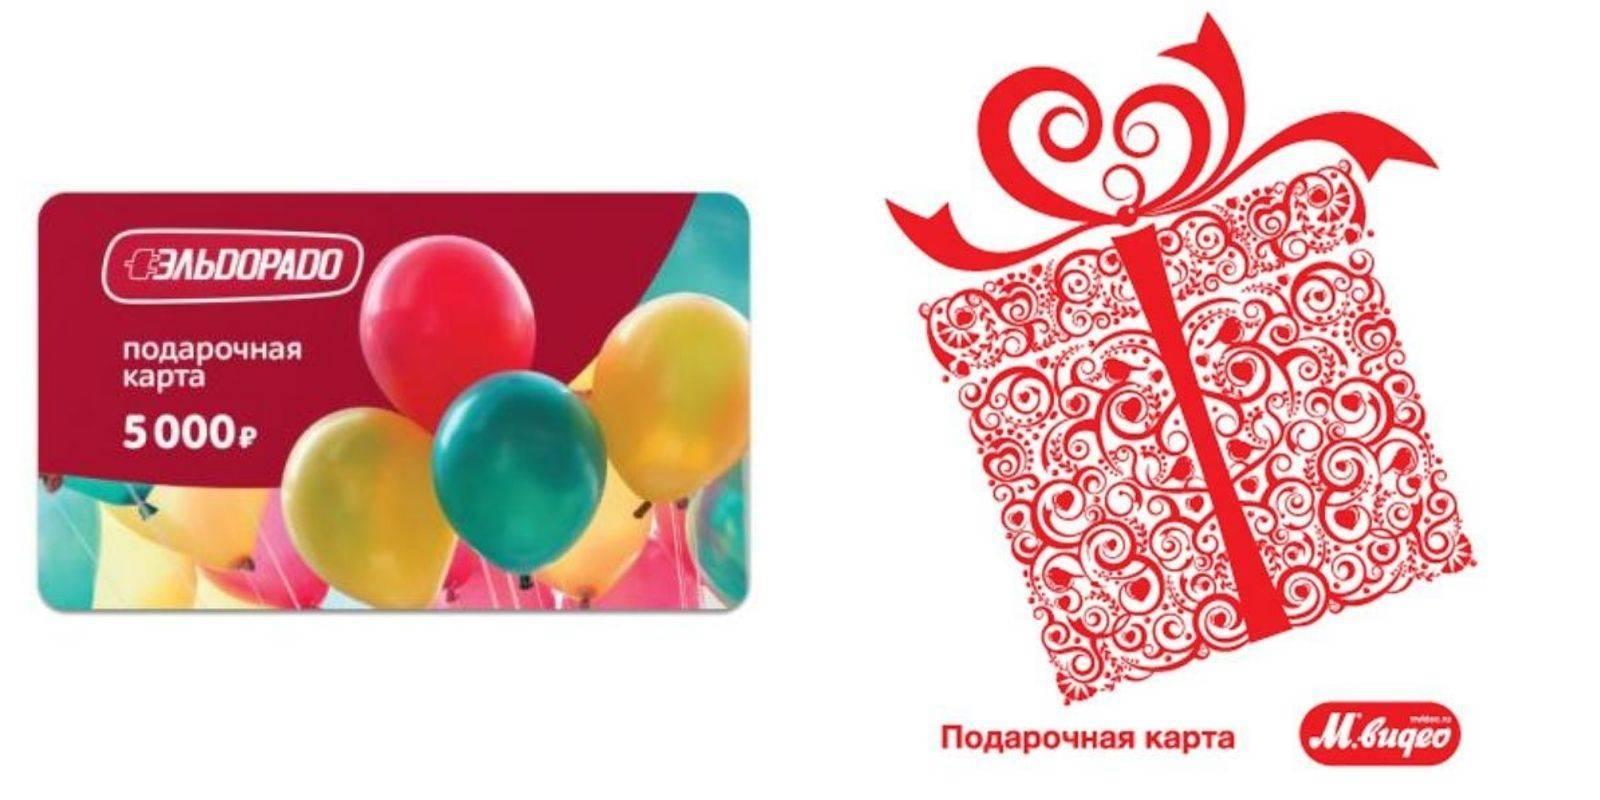 Детский день рождения Html Sitemap